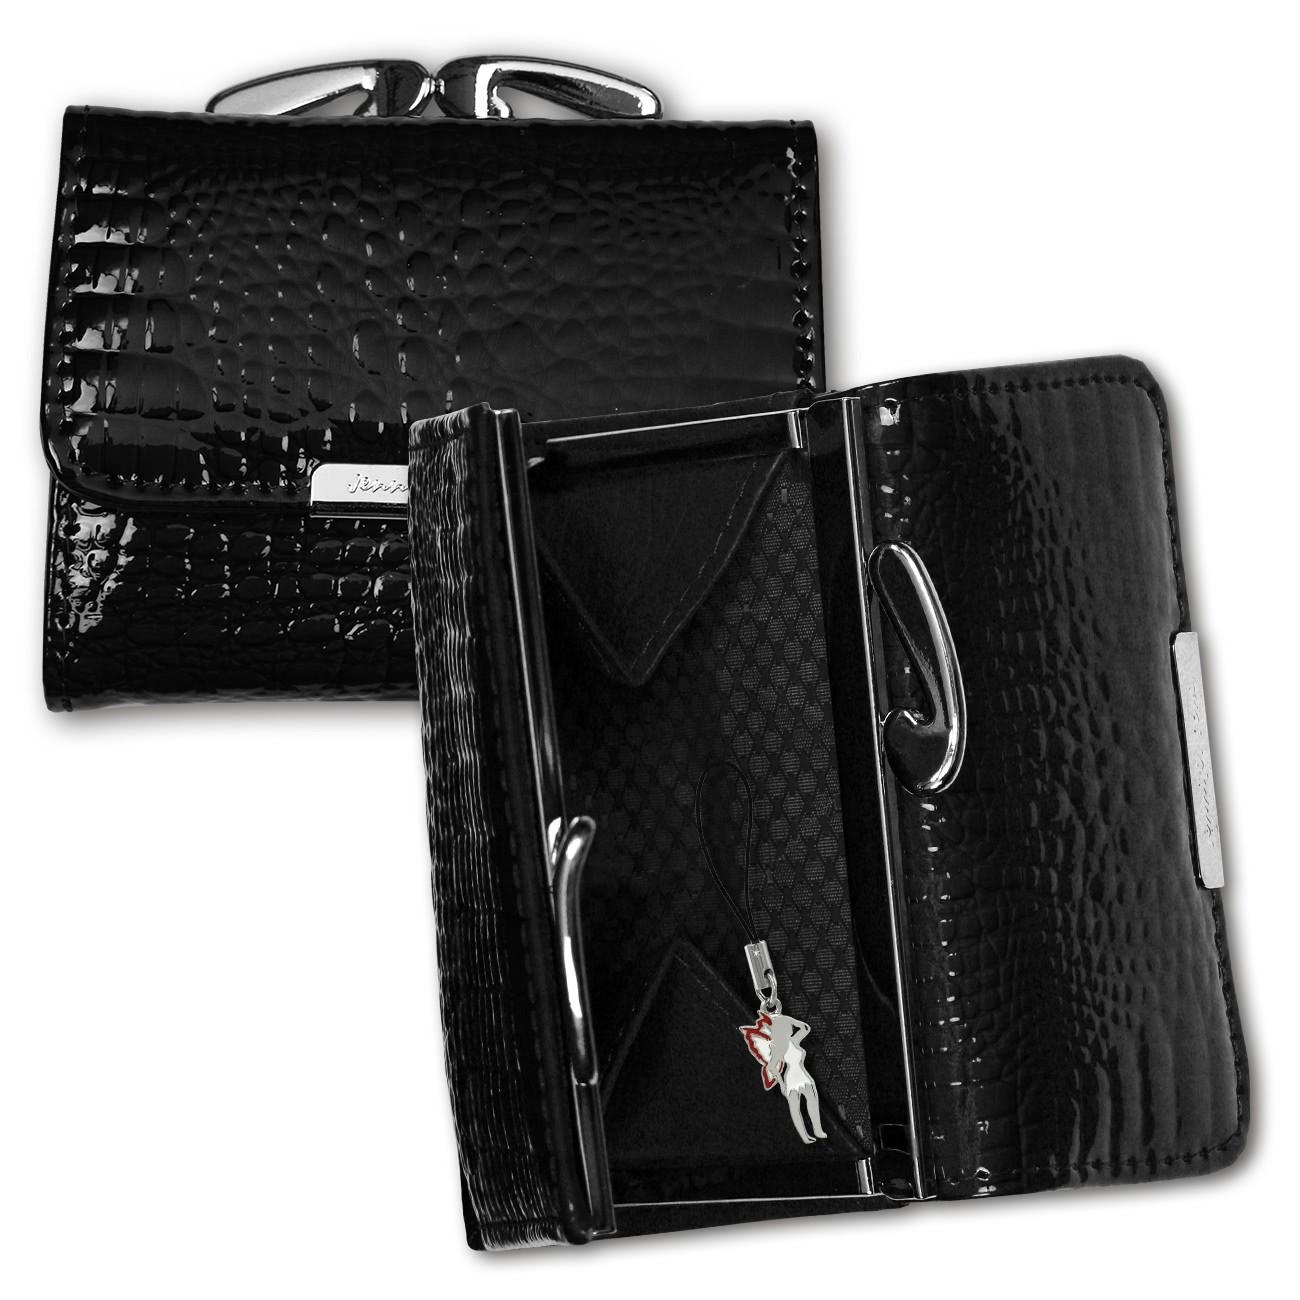 Geldbörse Leder schwarz kleines Portemonnaie Minibörse Jennifer Jones OPJ119S